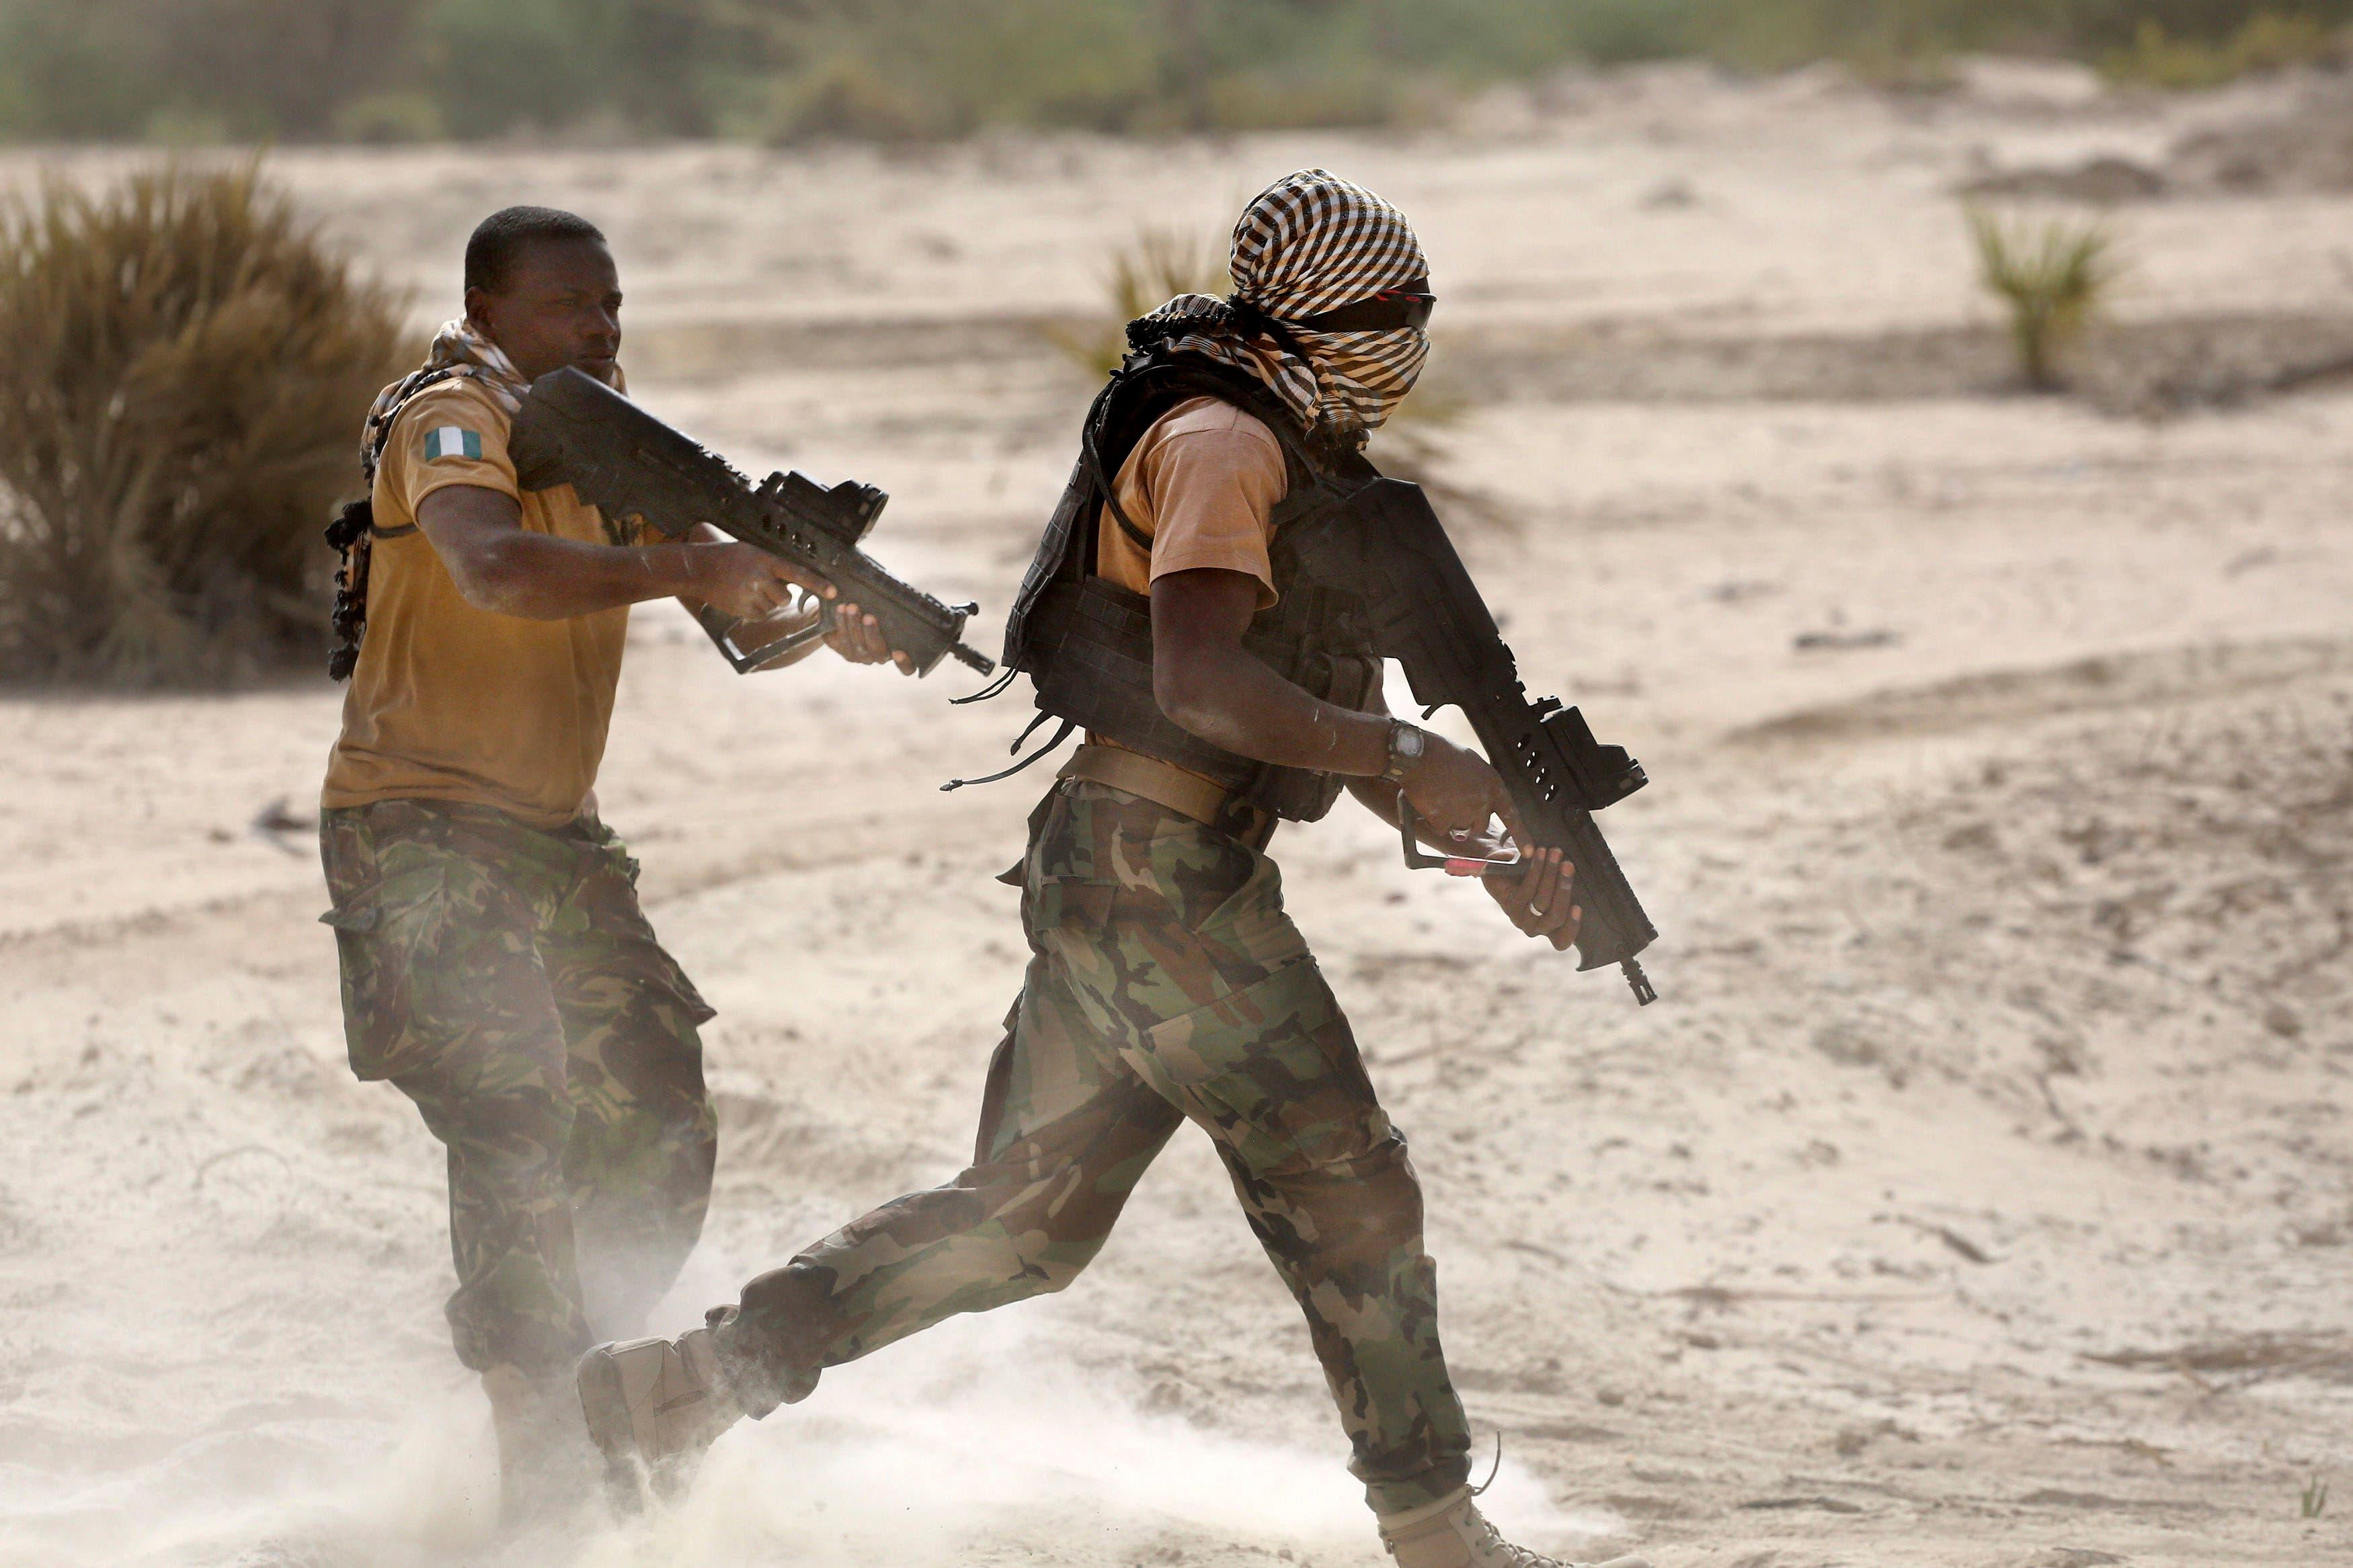 Taking on Boko Haram